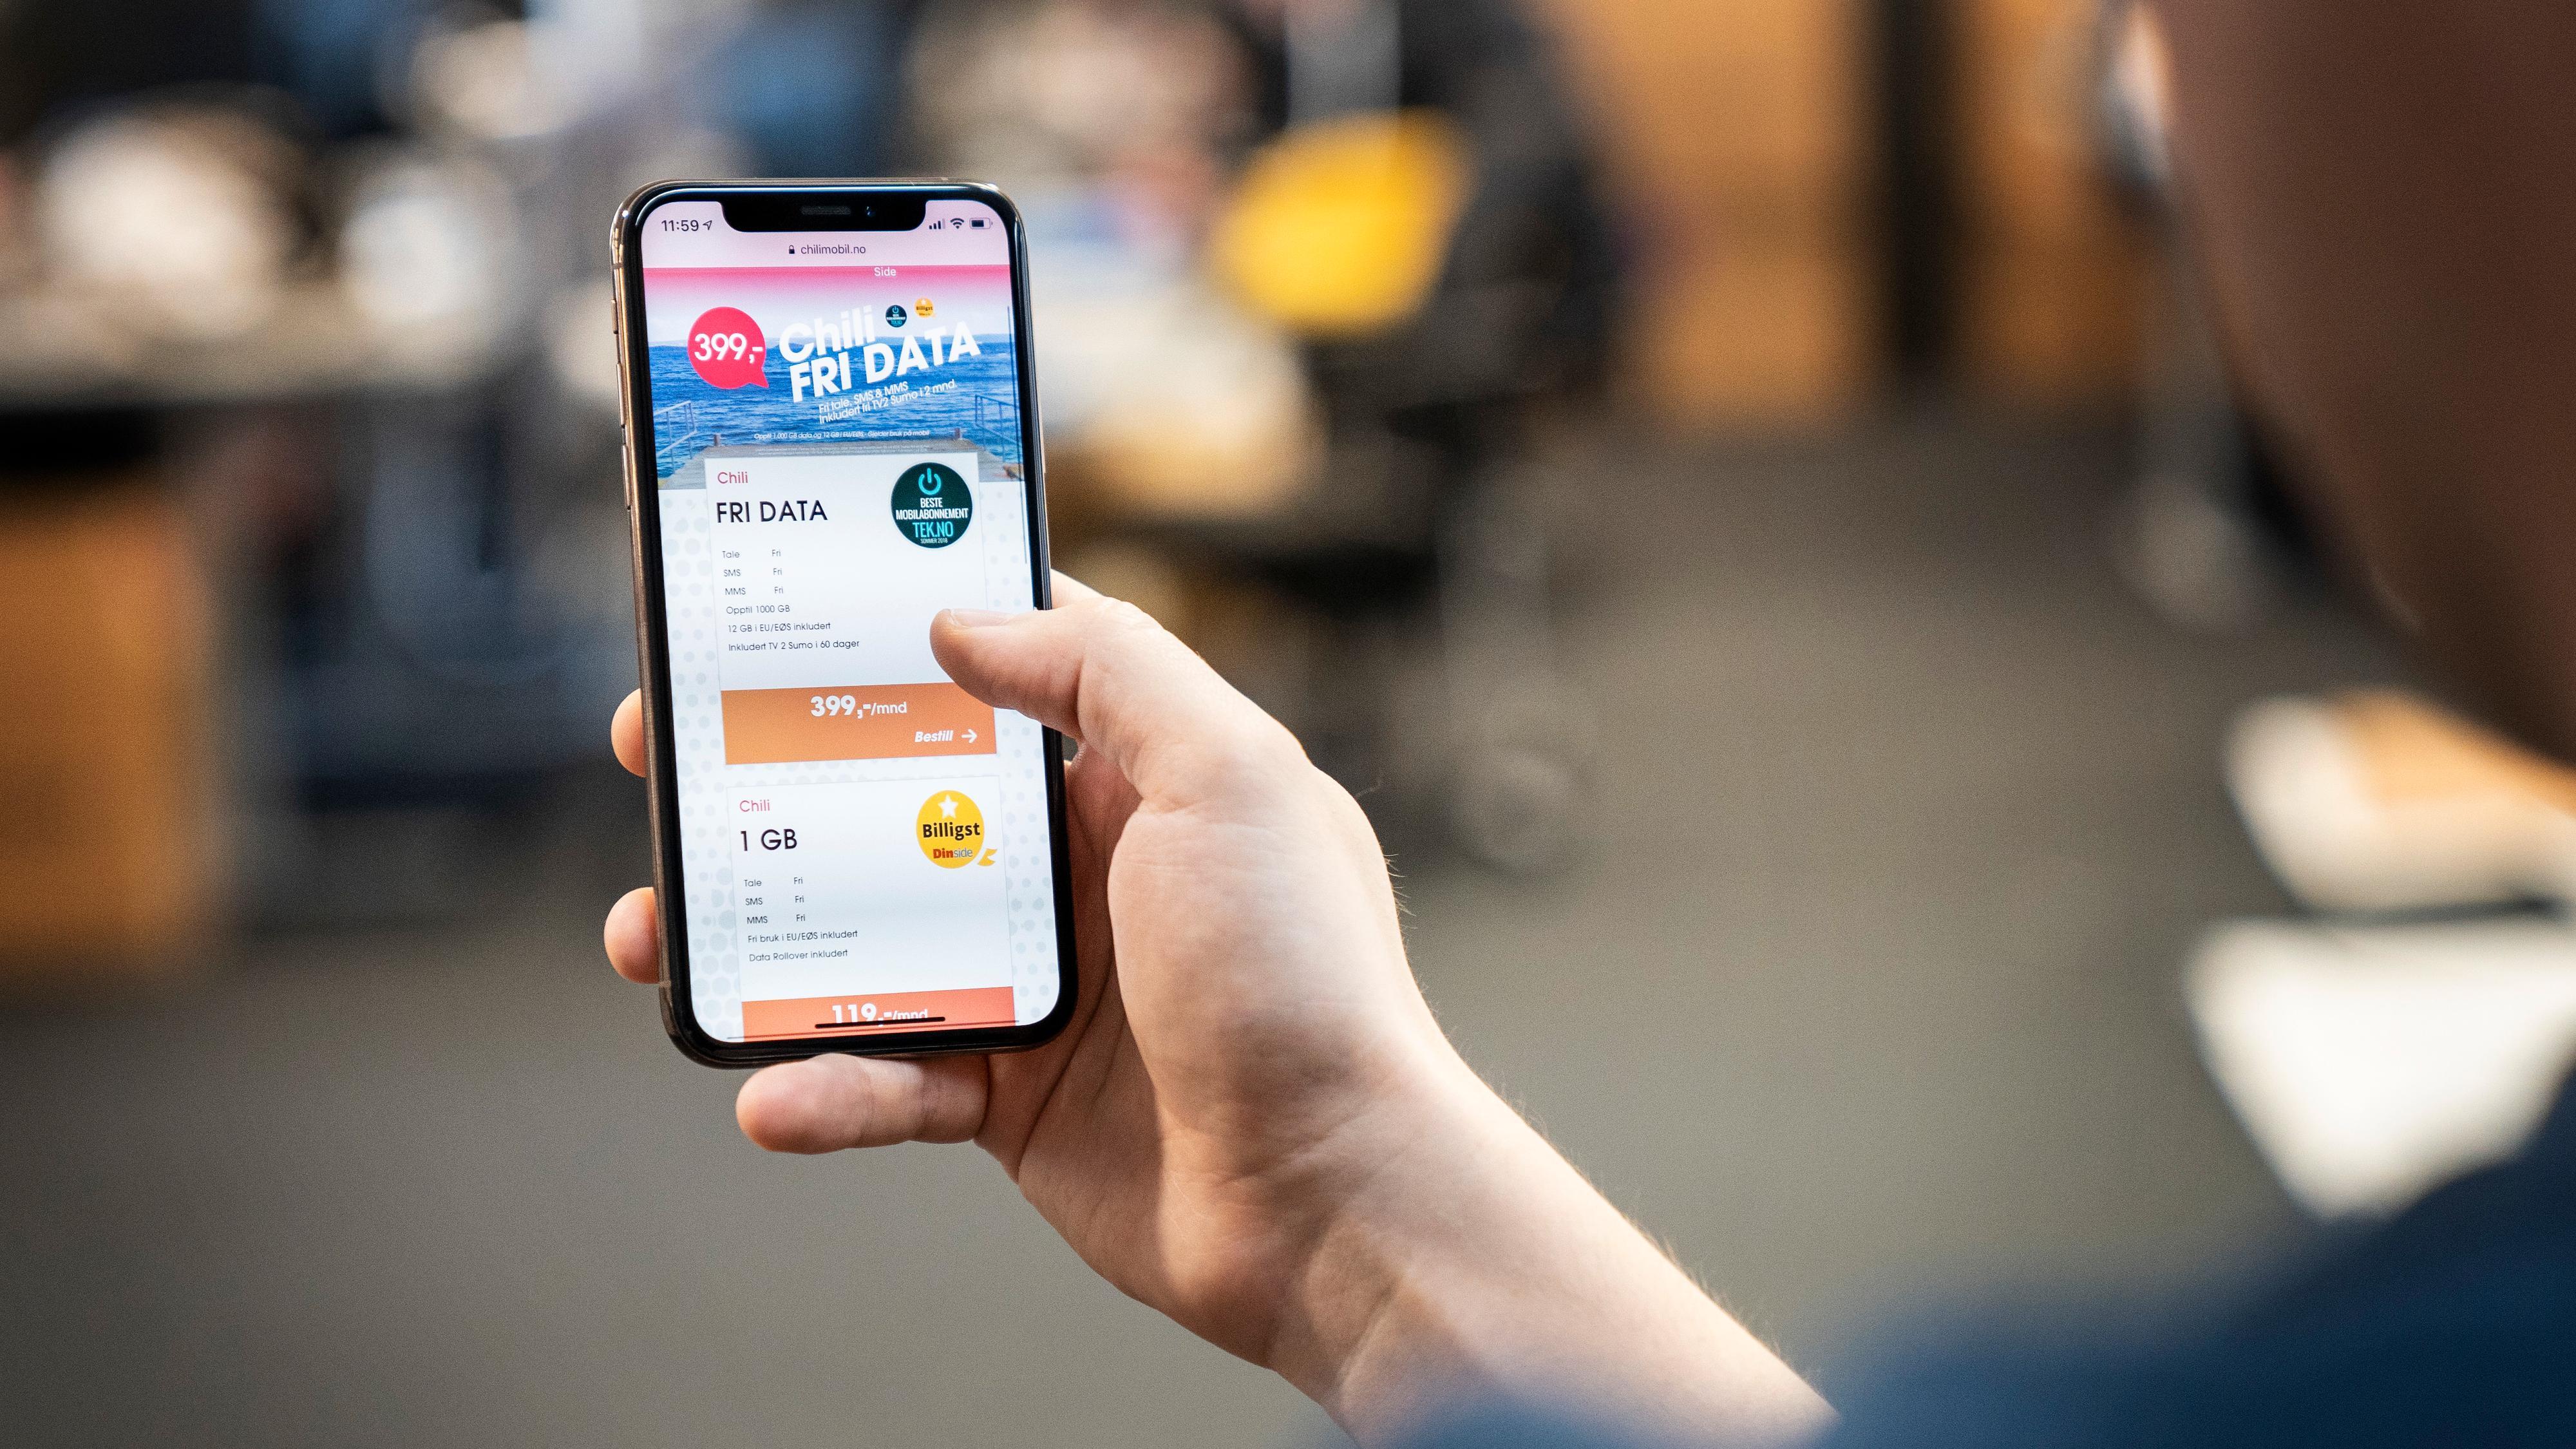 Chilimobil ønsker å stoppe «Fri Data»-kunder fra å dele mobildata videre